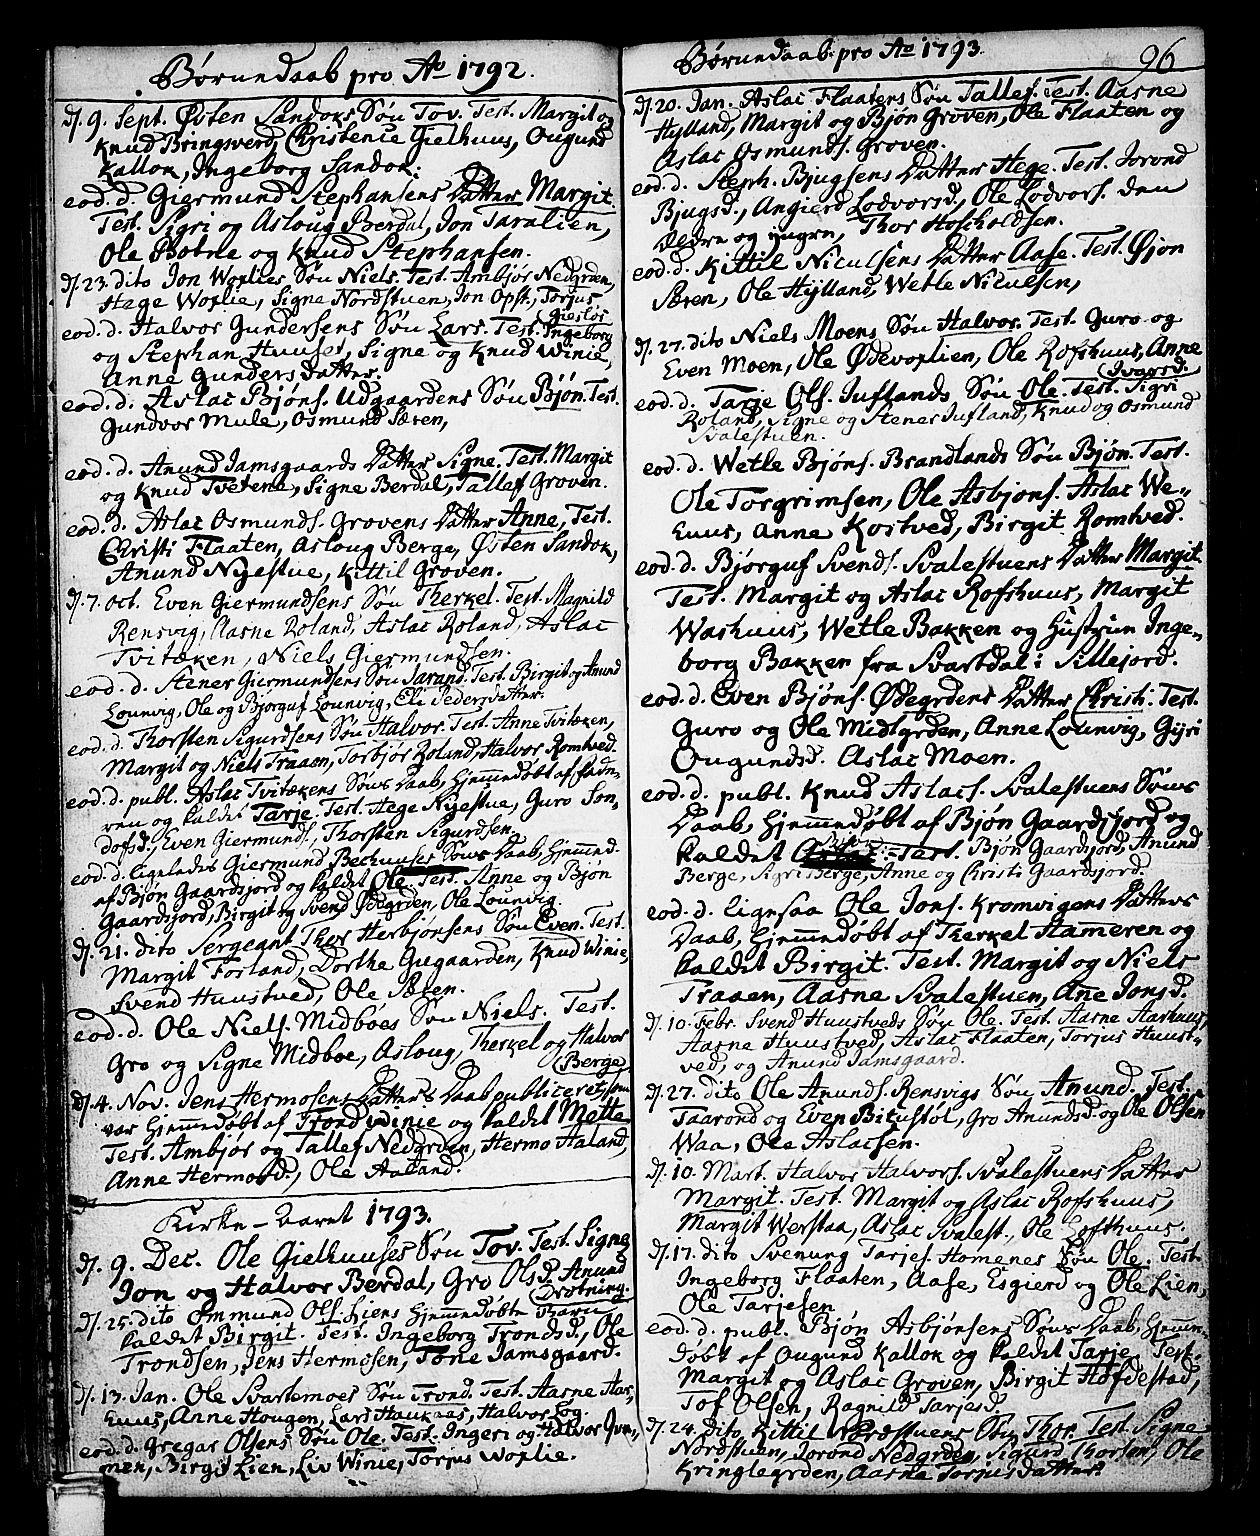 SAKO, Vinje kirkebøker, F/Fa/L0002: Ministerialbok nr. I 2, 1767-1814, s. 96